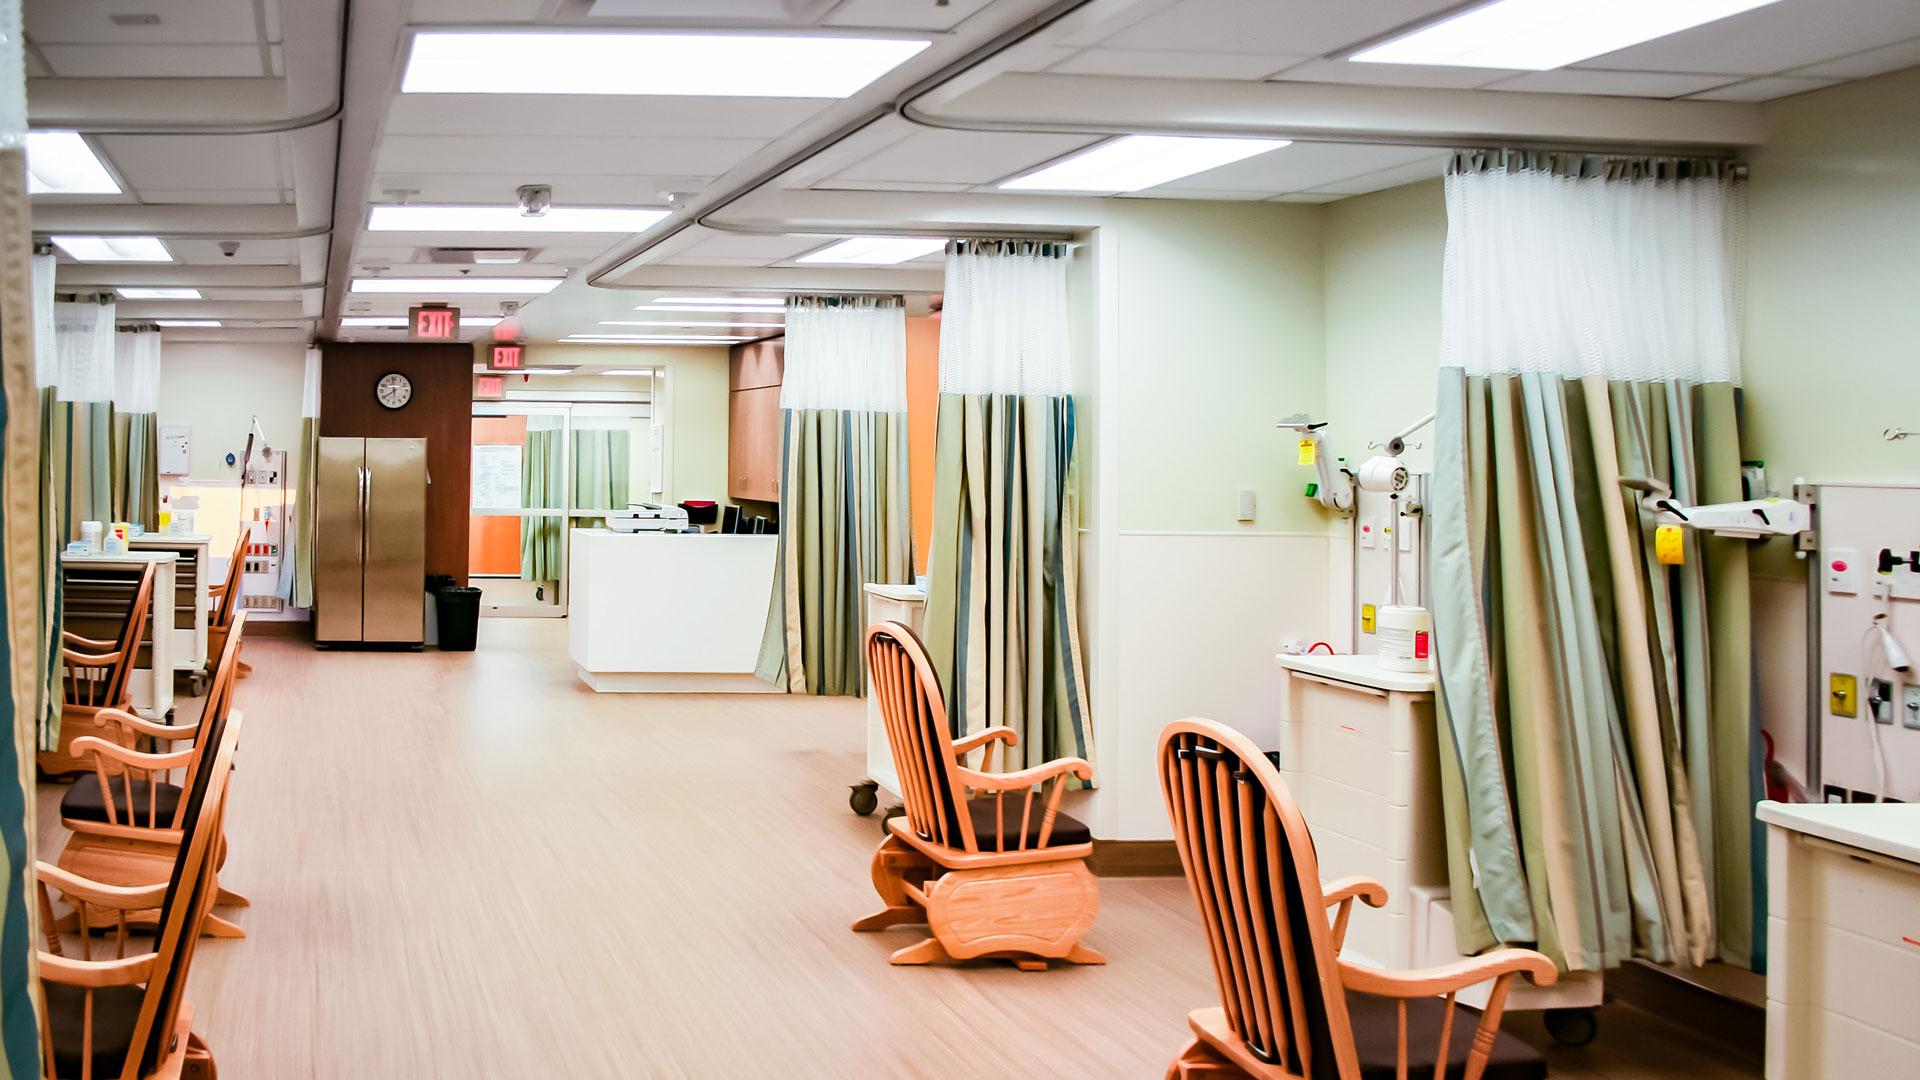 Interior photo of the NICU department